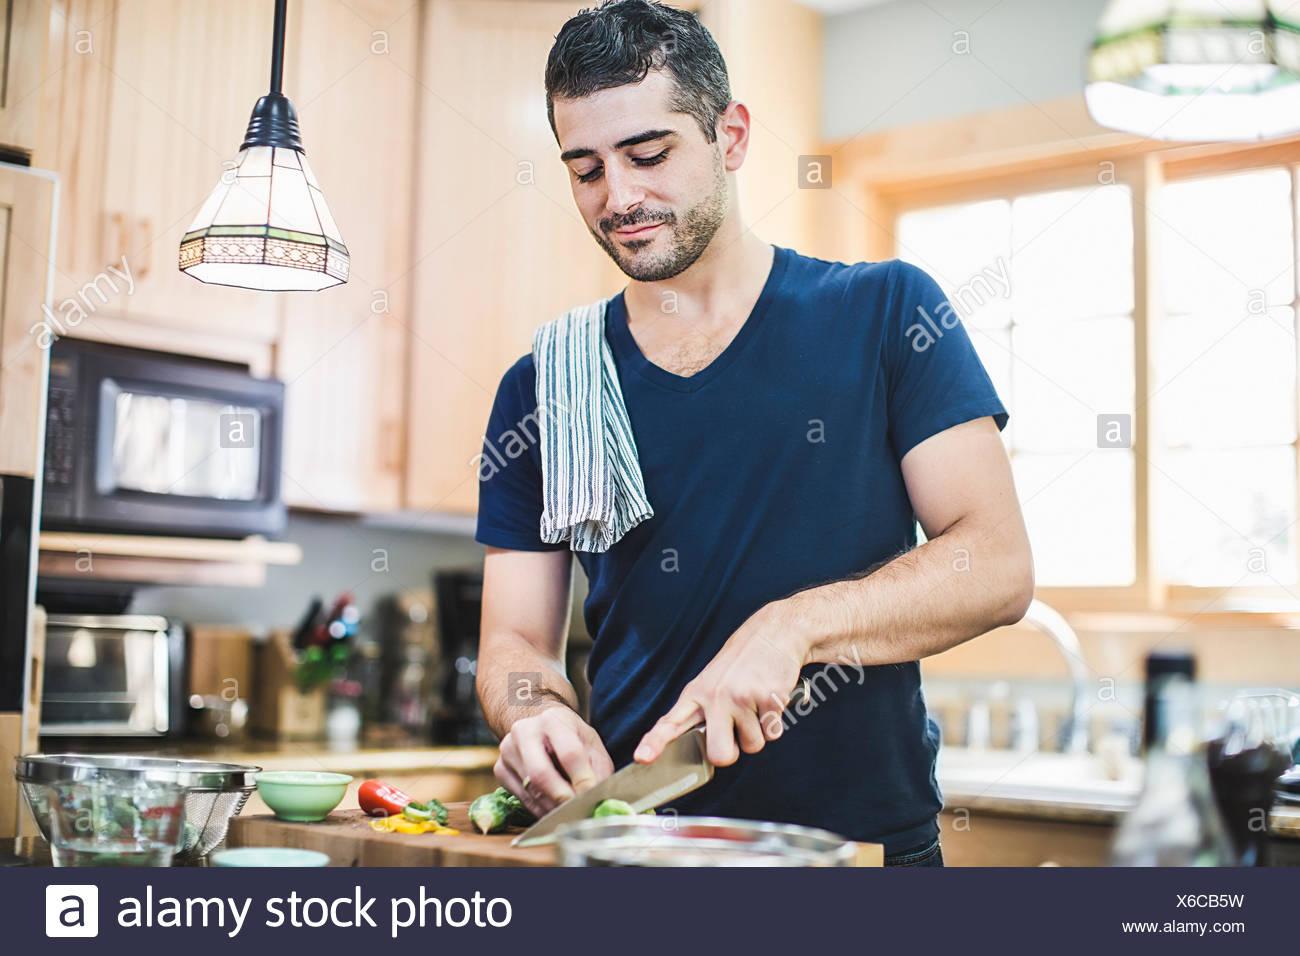 Man preparing food in kitchen - Stock Image